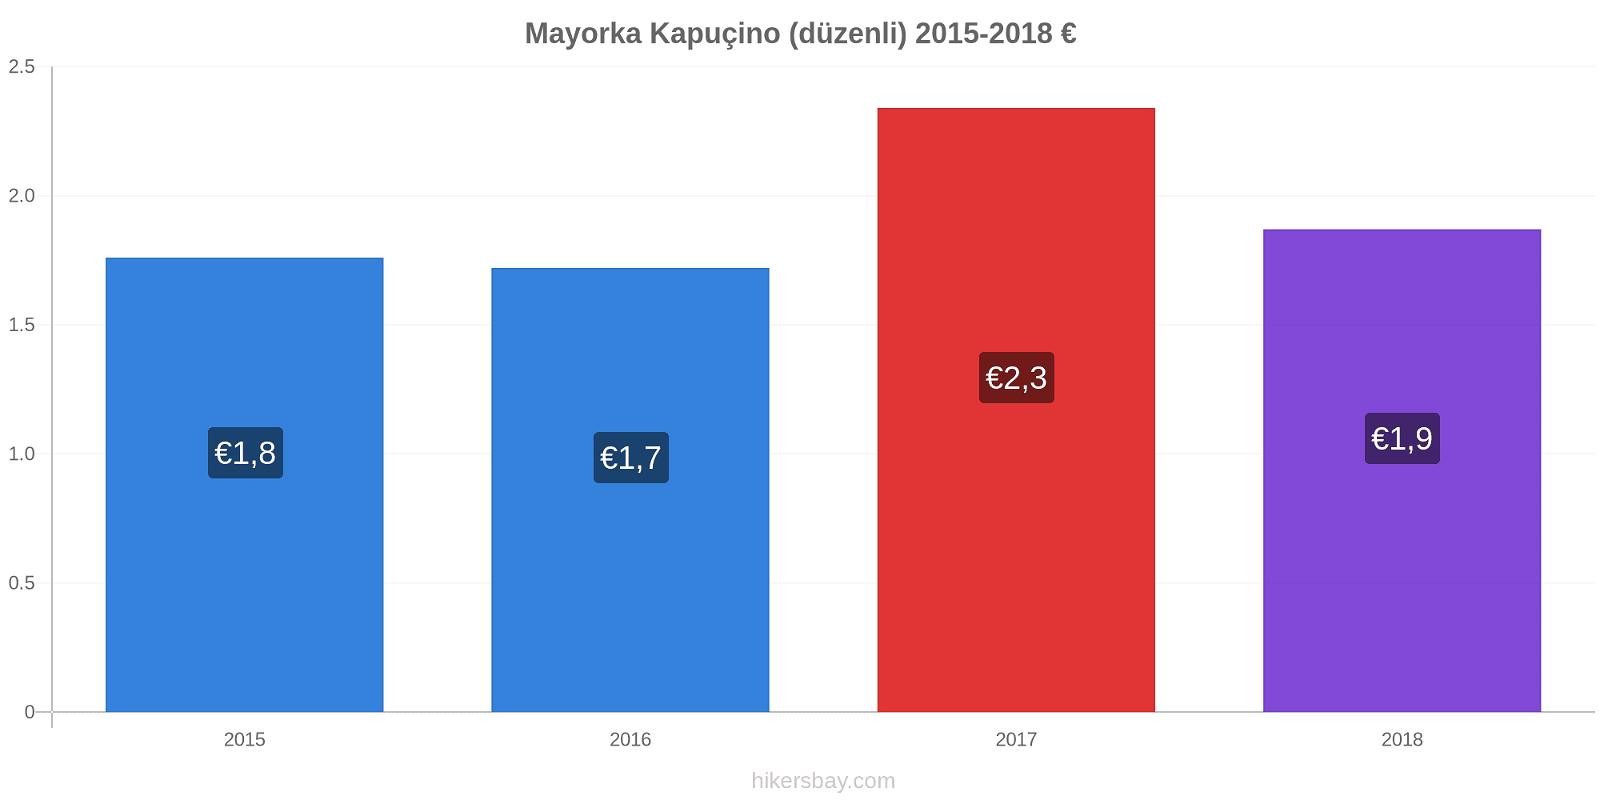 Mayorka fiyat değişiklikleri Kapuçino (düzenli) hikersbay.com